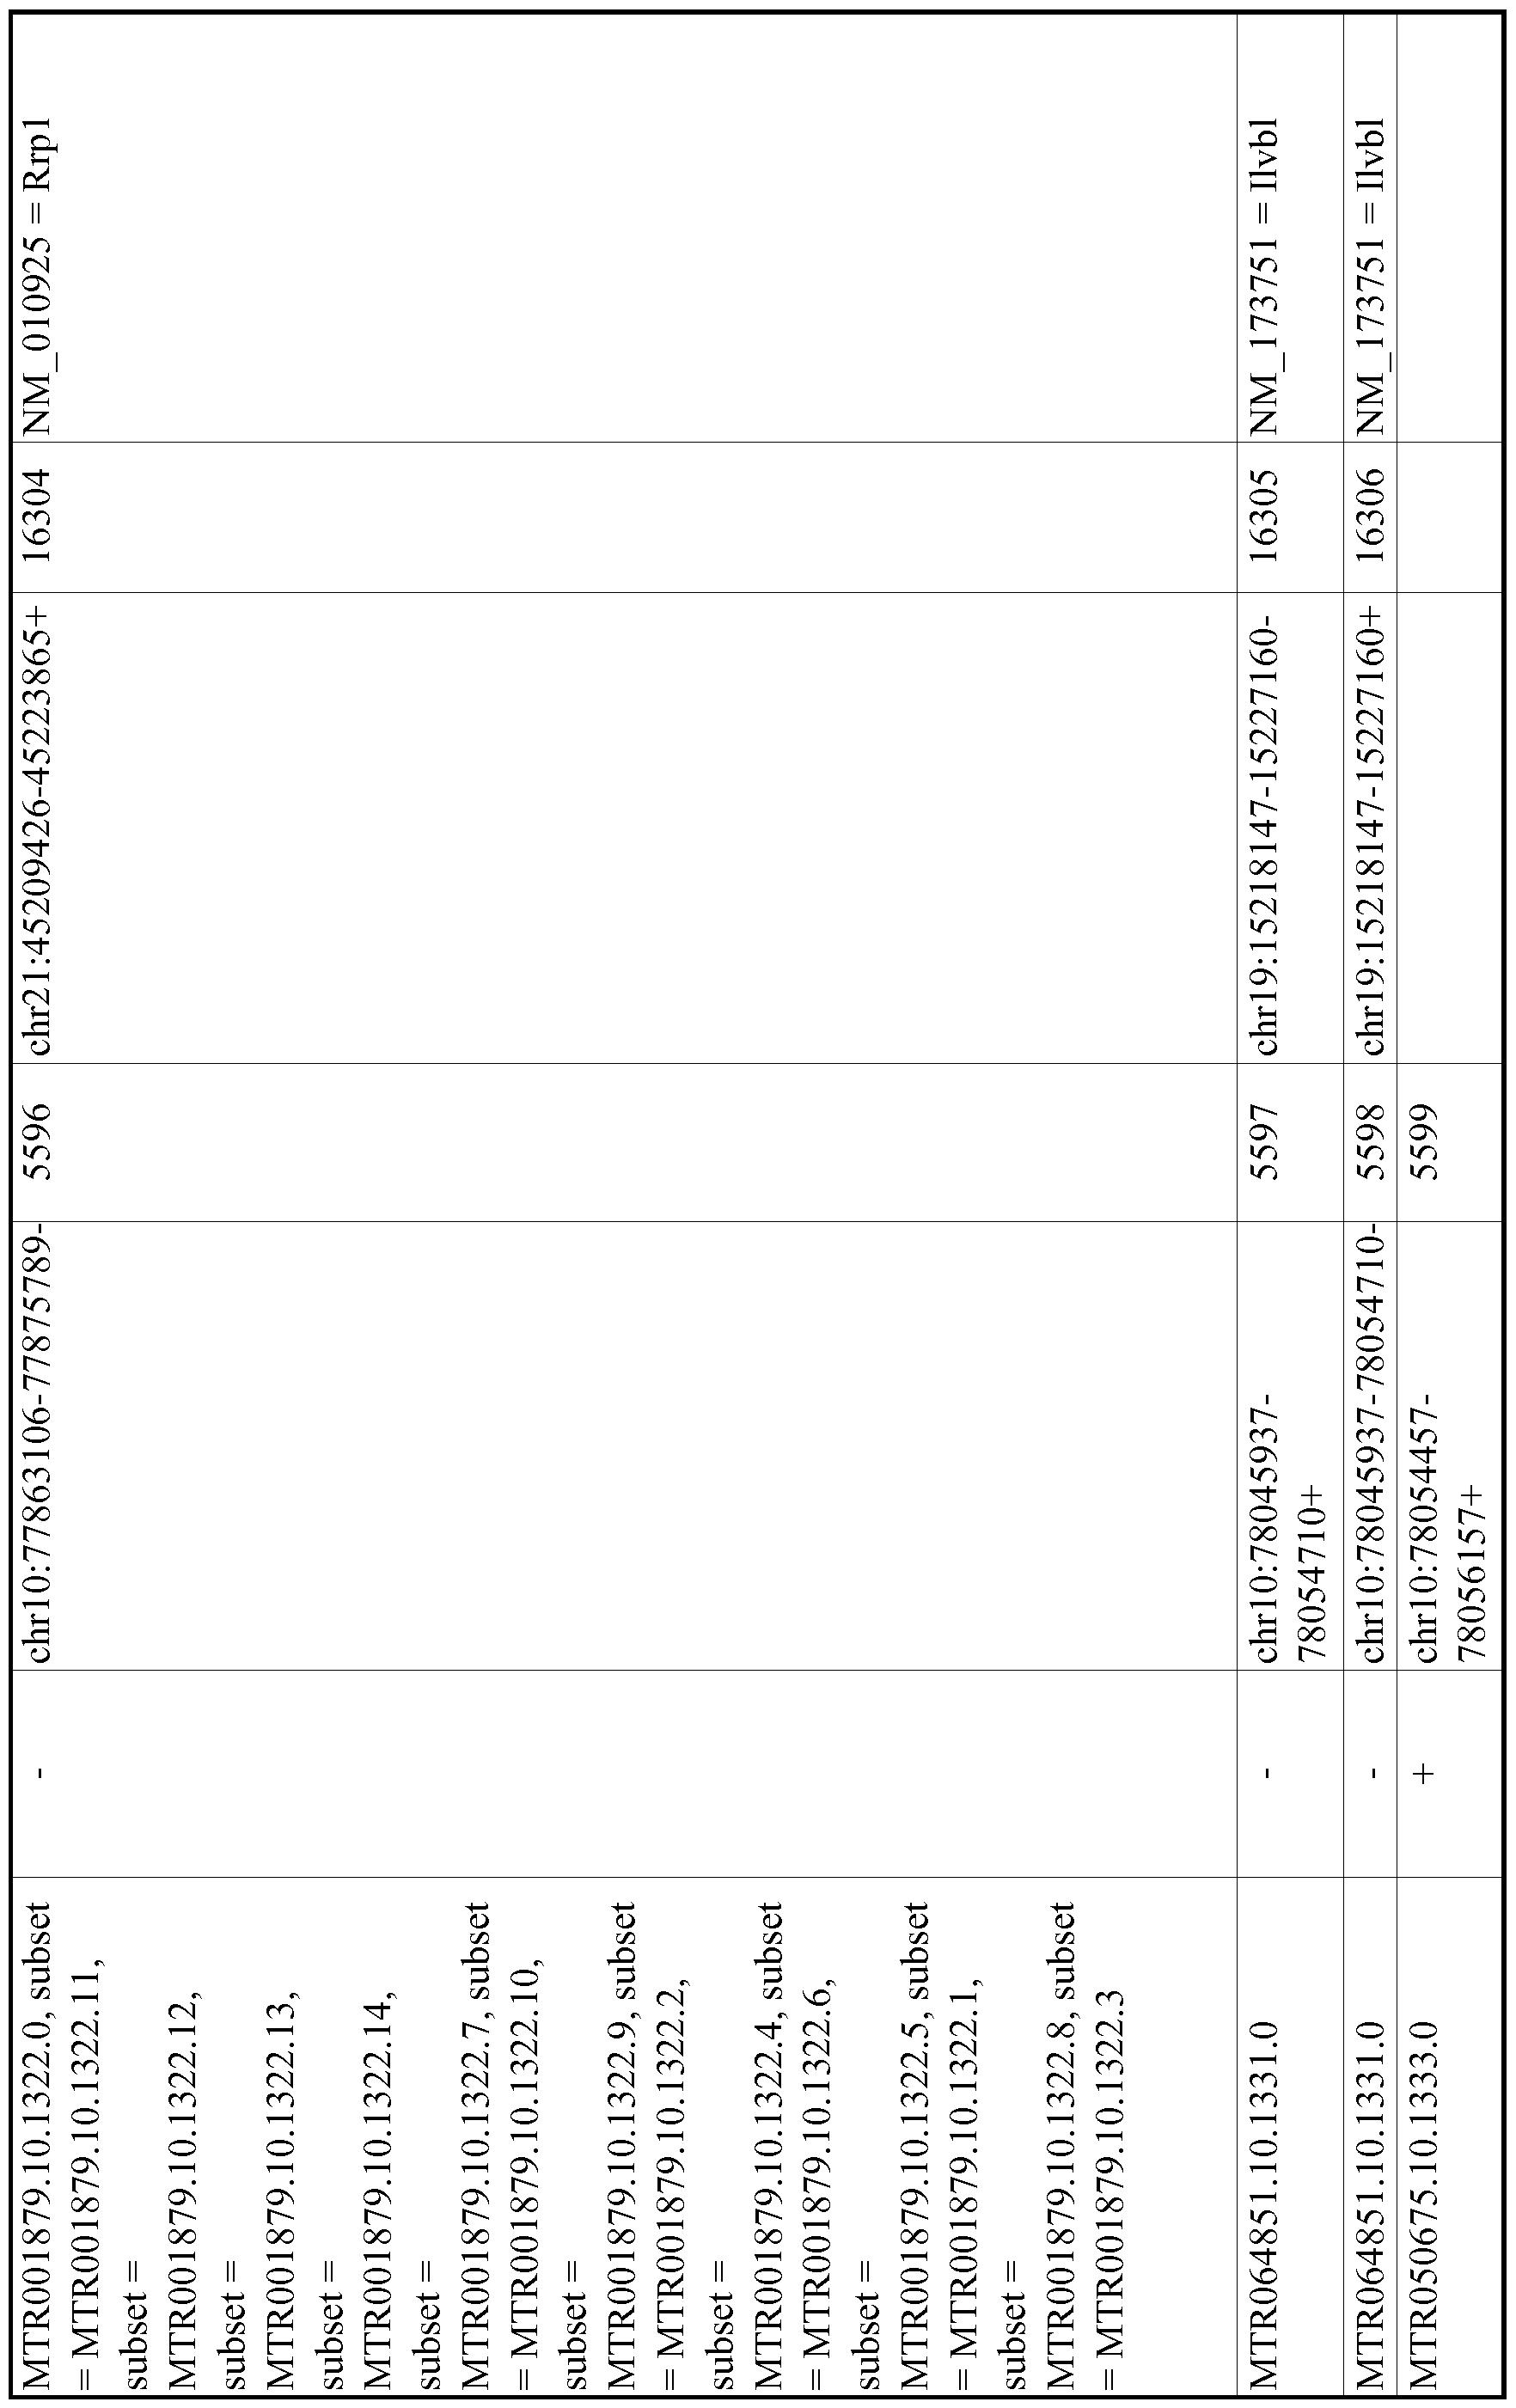 Figure imgf001005_0001